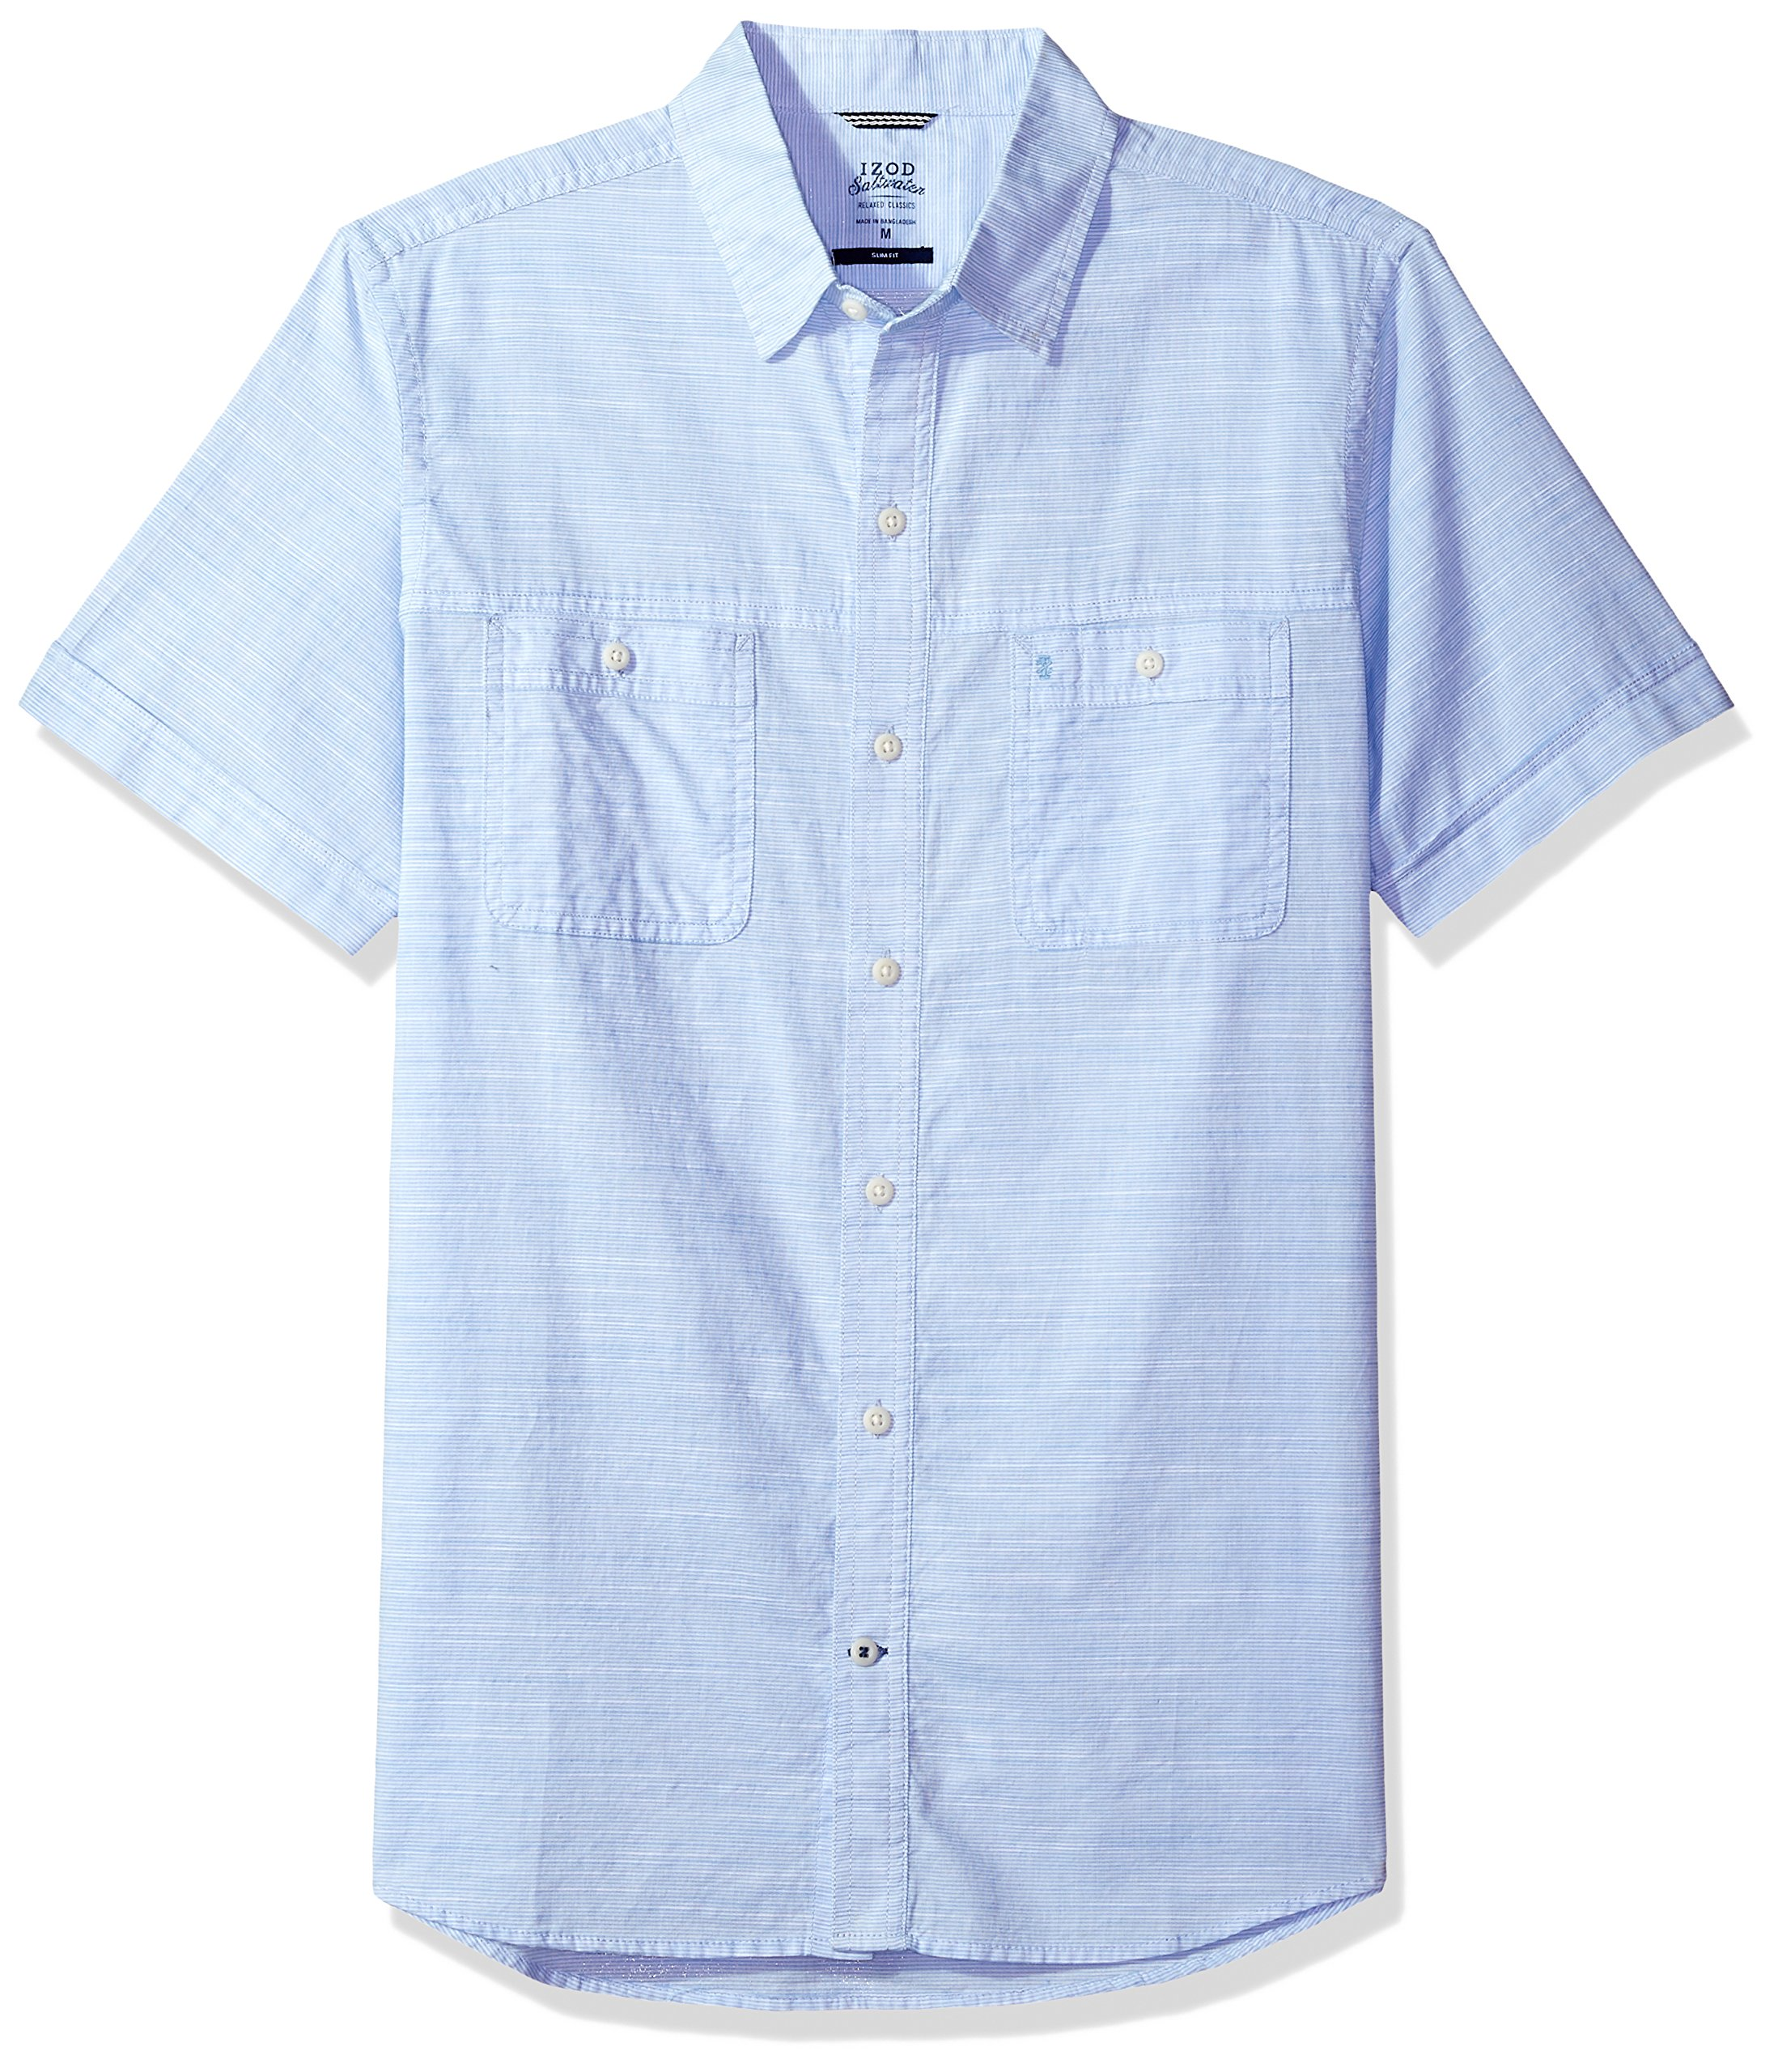 IZOD Men's Saltwater Dockside Chambray Solid Short Sleeve Shirt (Regular Fit), Little Boy Blue, Large Slim by IZOD